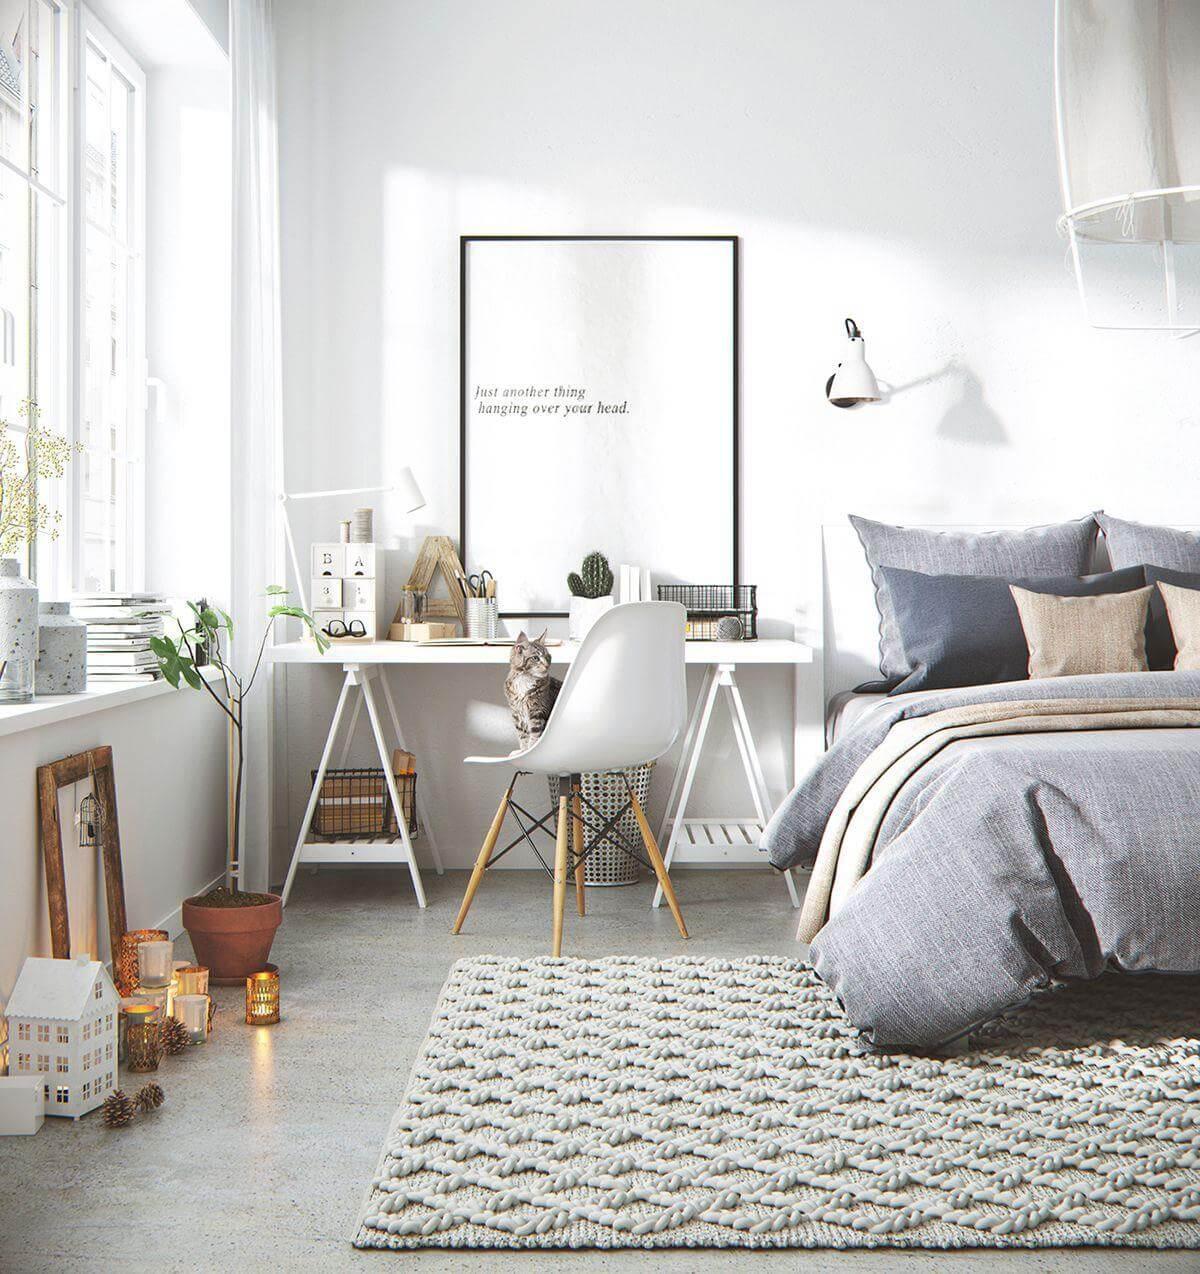 mẫu phòng ngủ phong cách Scandinavian đẹp